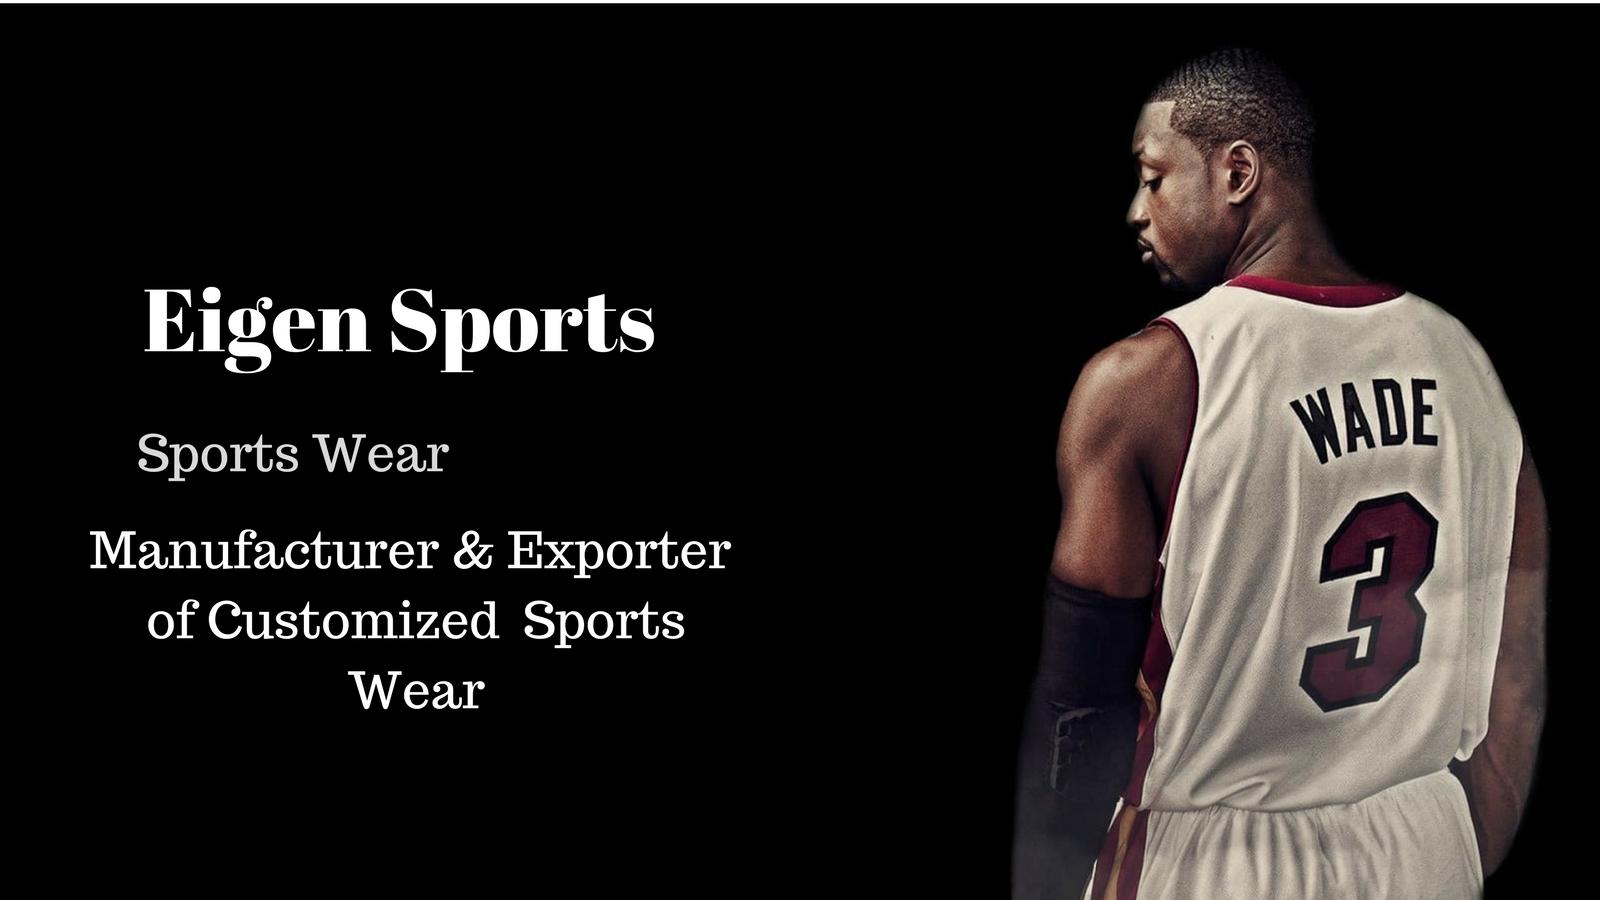 Sports Wear Eigen Sports